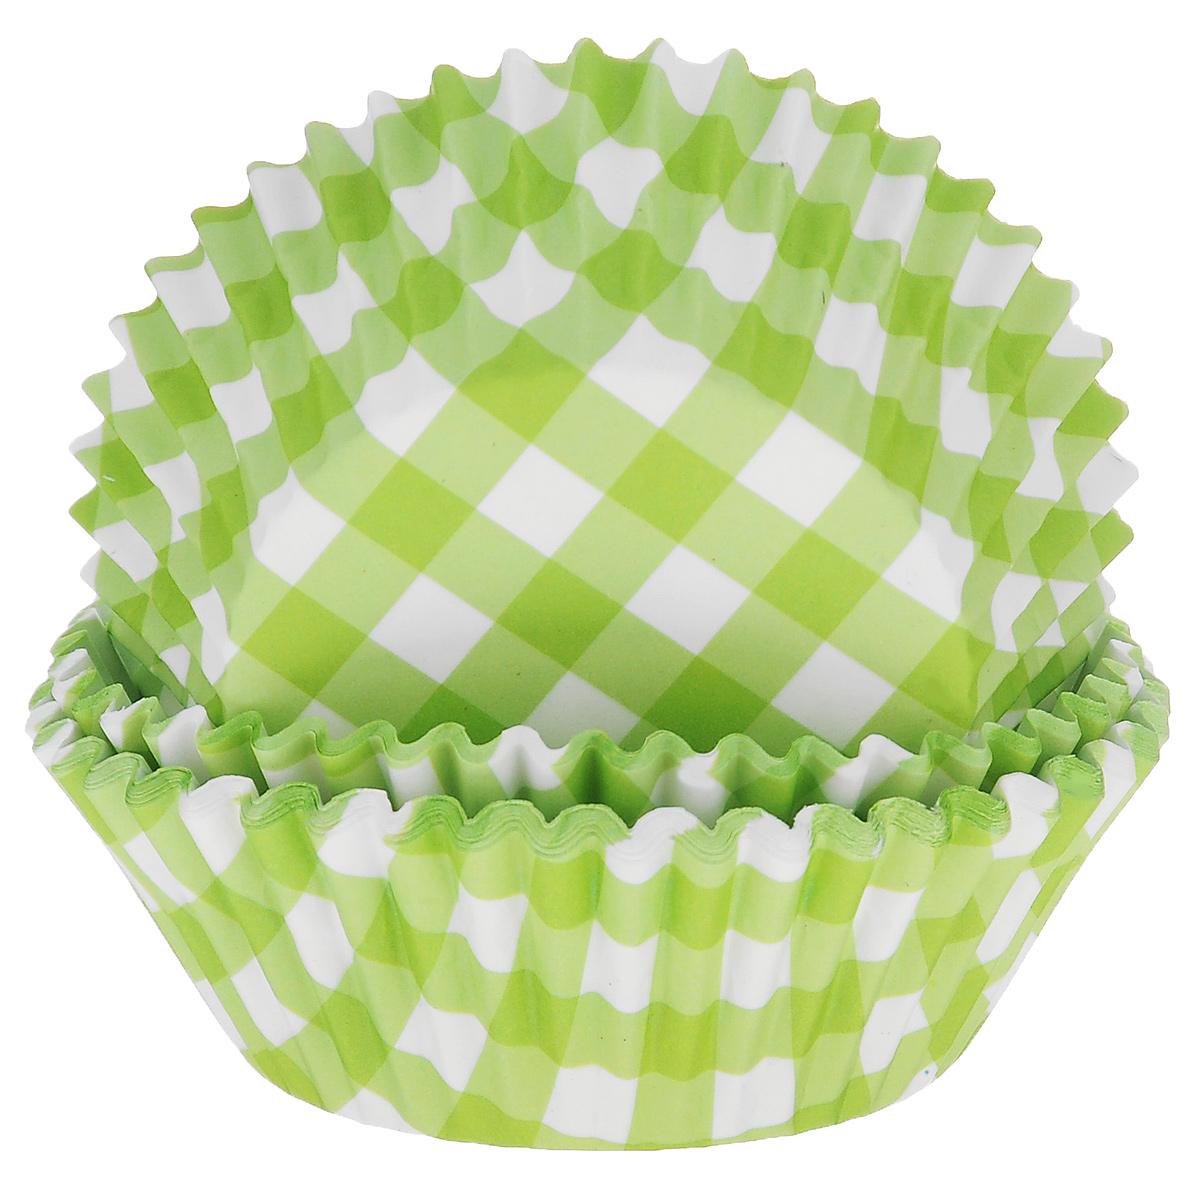 Набор бумажных форм для кексов Dolce Arti Клетка, цвет: зеленый, диаметр 7 см, 50 шт94672Набор Dolce Arti Клетка состоит из 50 бумажных форм для кексов, оформленных принтом в клетку. Они предназначены для выпечки и упаковки кондитерских изделий, также могут использоваться для сервировки орешков, конфет и много другого. Для одноразового применения. Гофрированные бумажные формы идеальны для выпечки кексов, булочек и пирожных.Высота стенки: 3 см. Диаметр (по верхнему краю): 7 см.